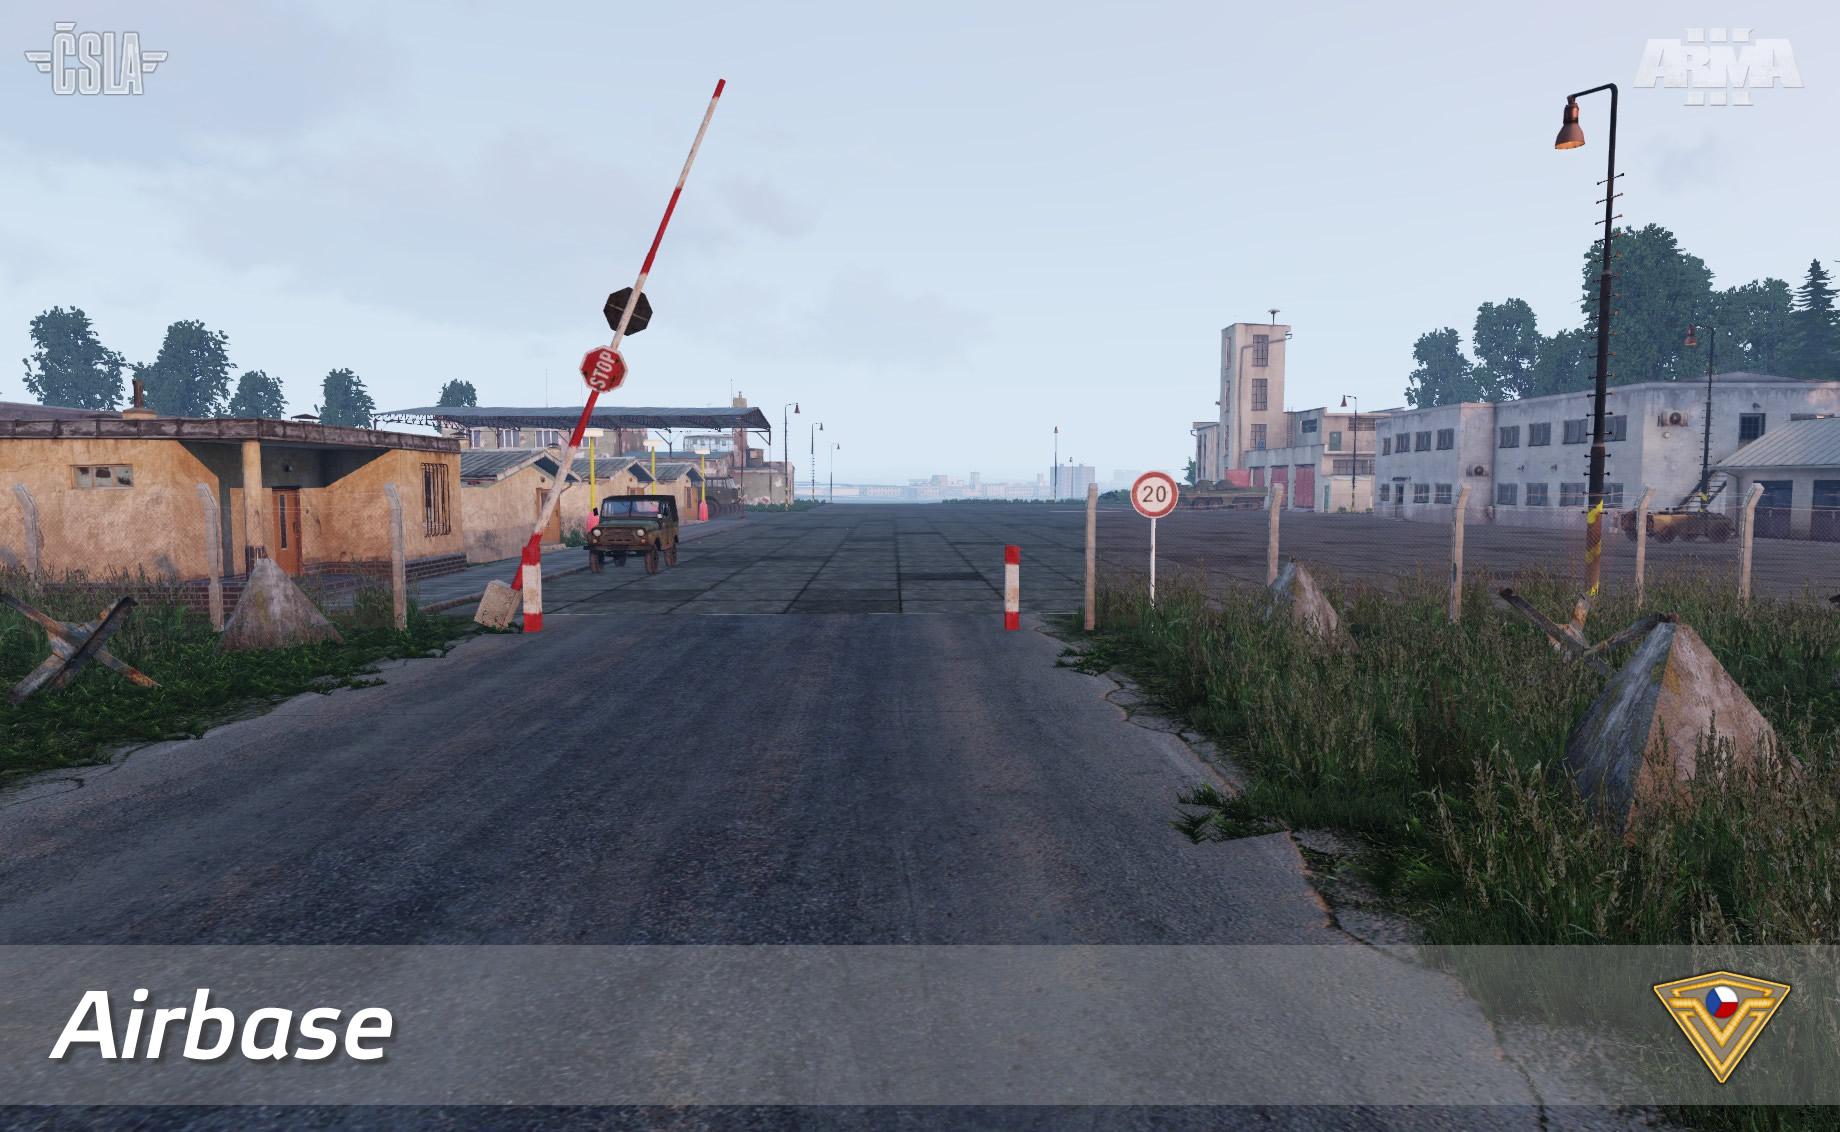 east_airbase_003.jpg